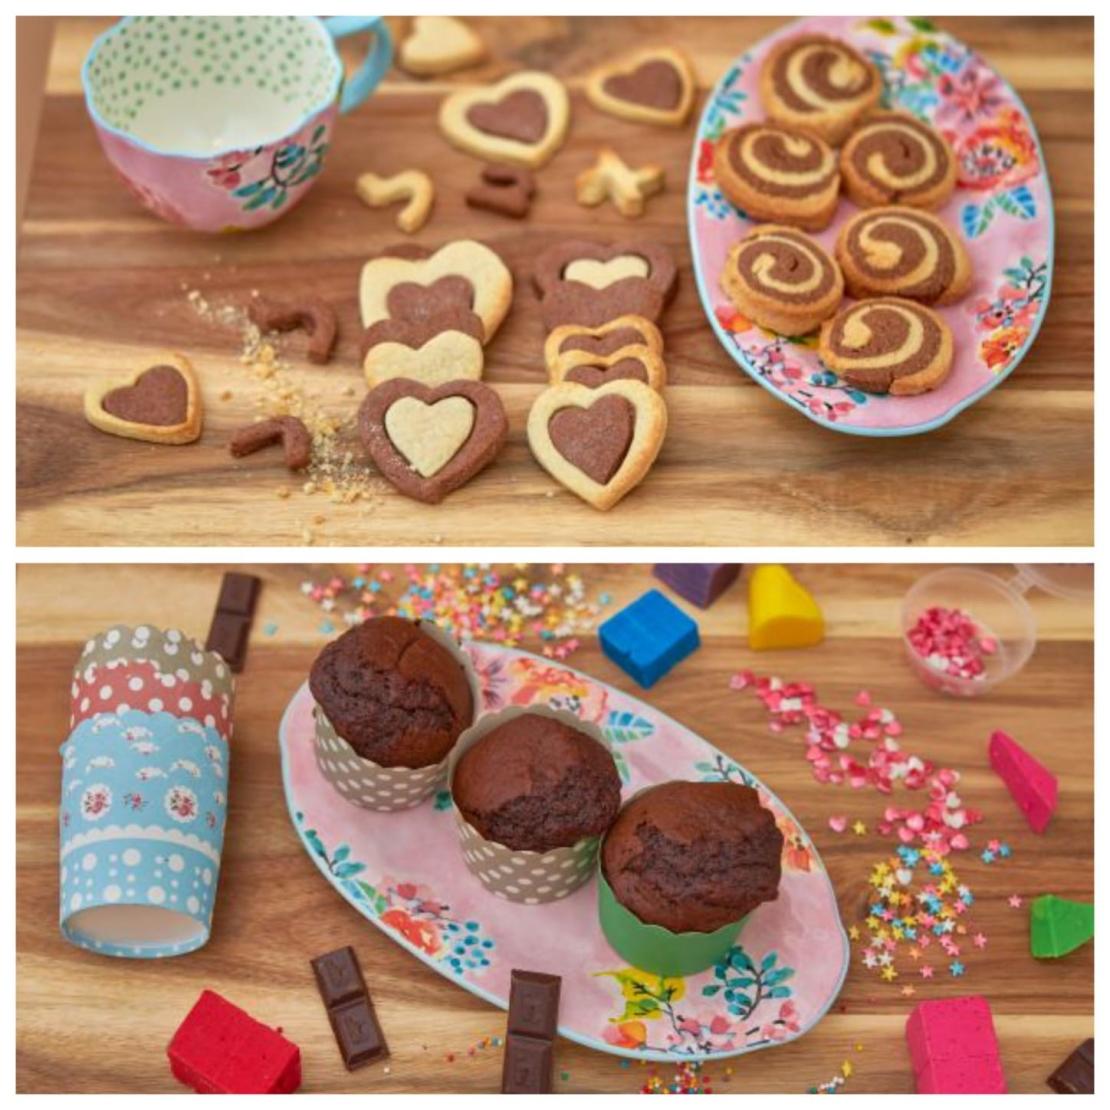 מארז מתוקים-קאפקייקס הפתעות ועוגיות שוקו וניל